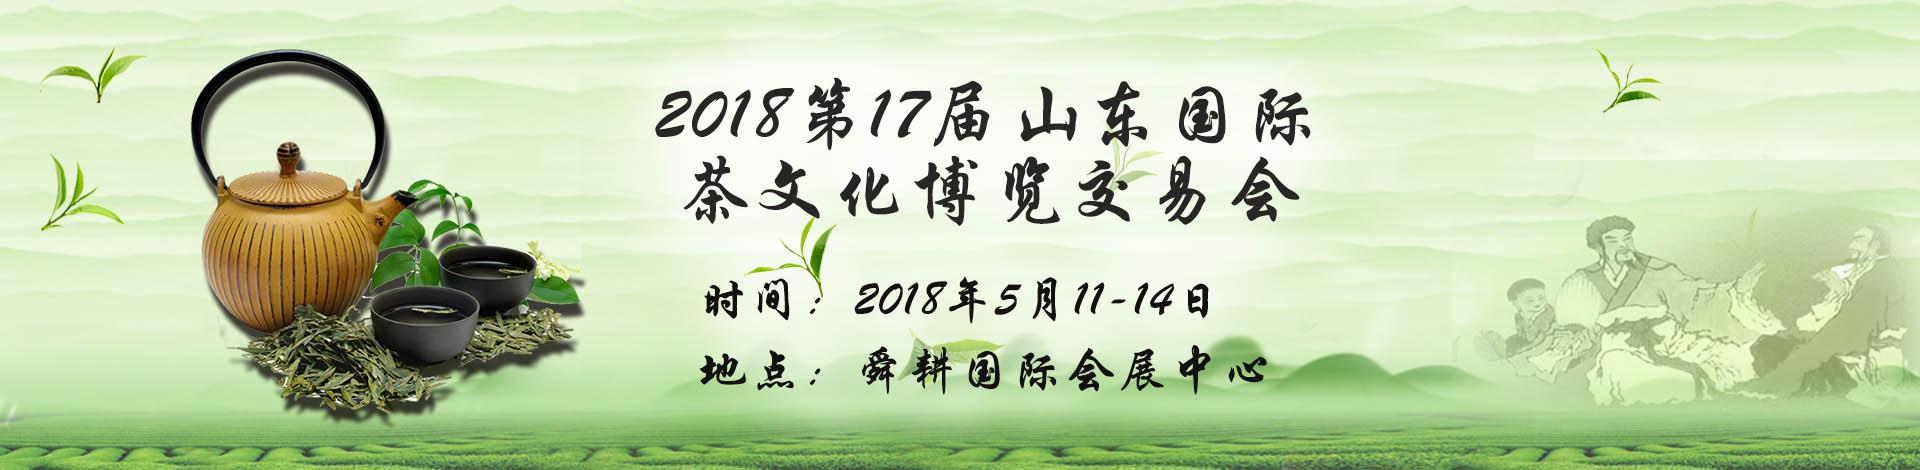 茶文博览会